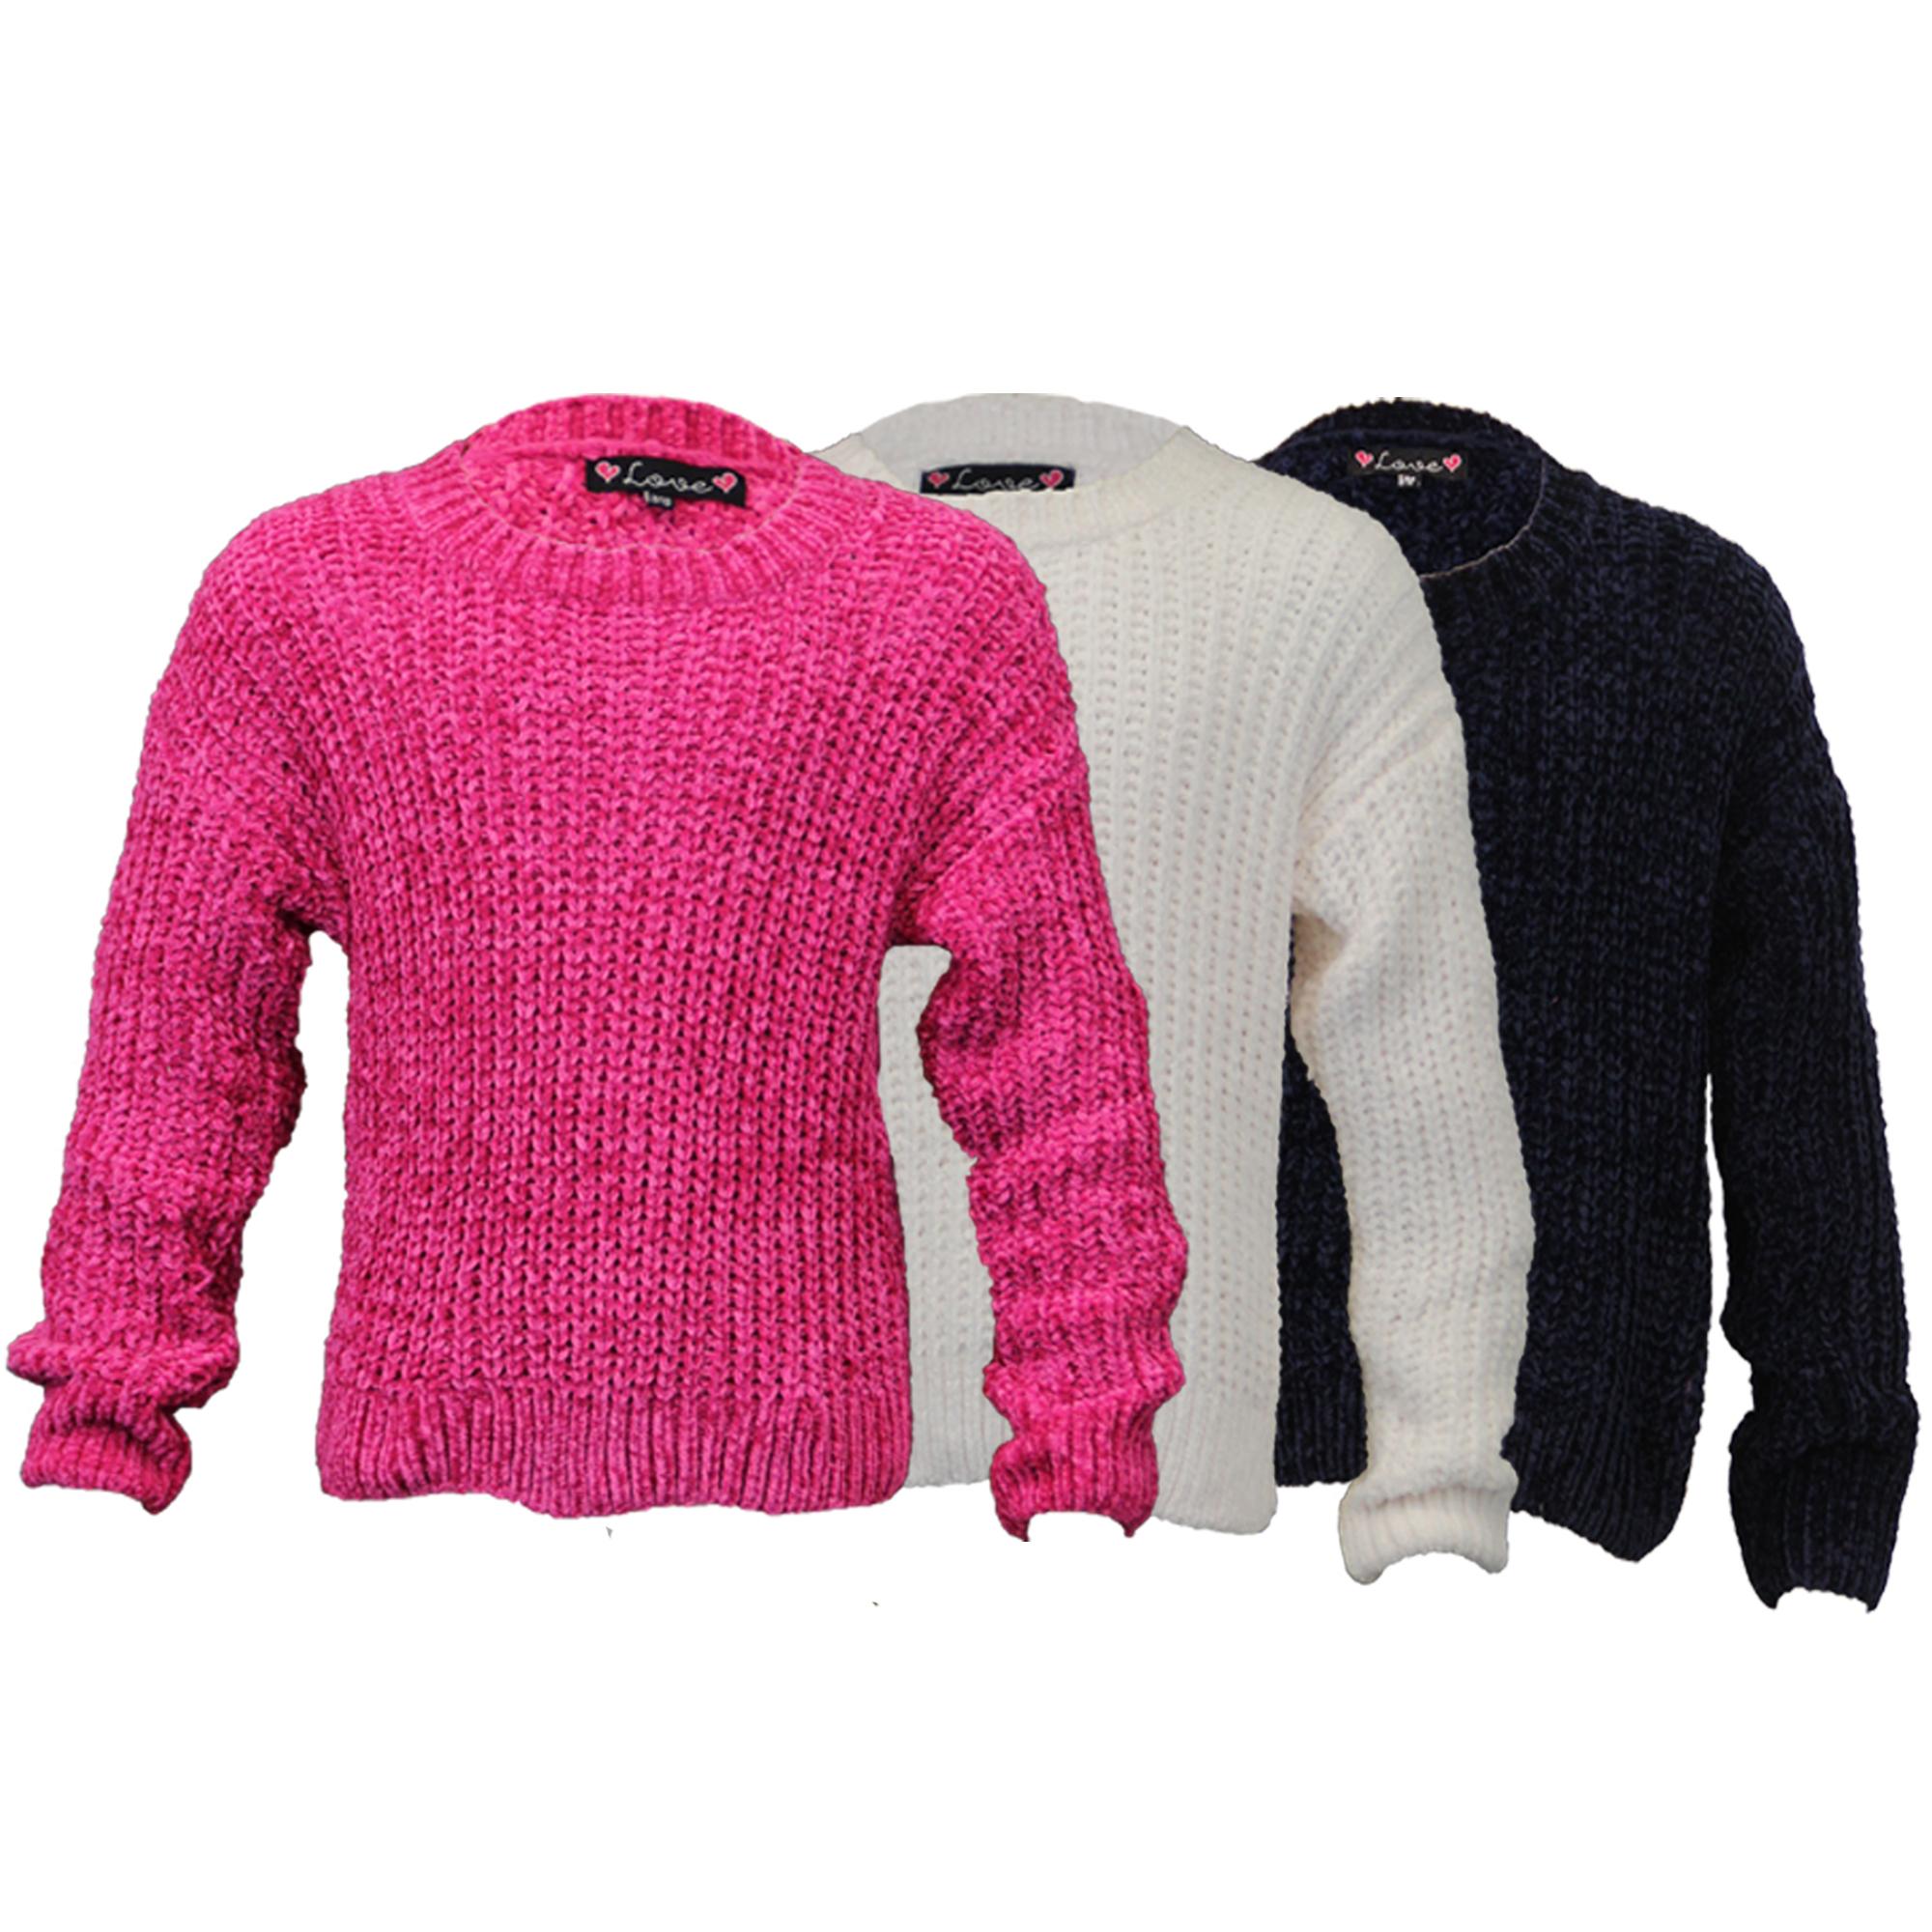 78df50583632d Filles Câble Pull Tricoté Enfants Pull Love Knitwear Ras de Cou ...